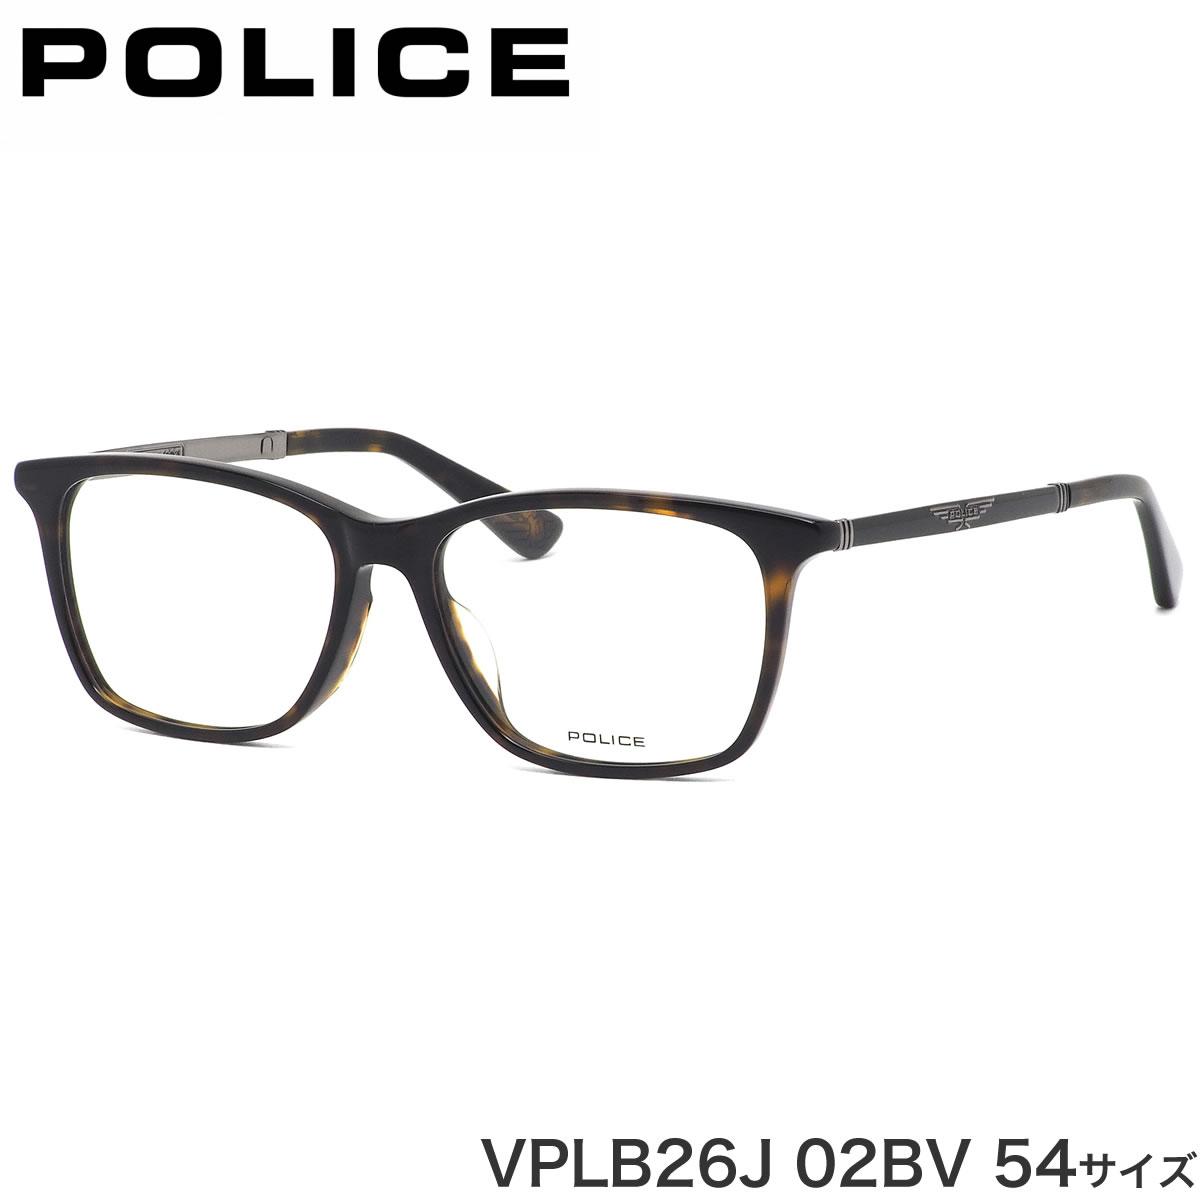 【海外 正規品】 ポリス トータス POLICE メガネ VPLB26J 02BV 54サイズ レディース コンビネーションフレーム べっ甲 メンズ デミ トータス かっこいい ウイング メンズ レディース, イワタグン:1db6d964 --- coursedive.com